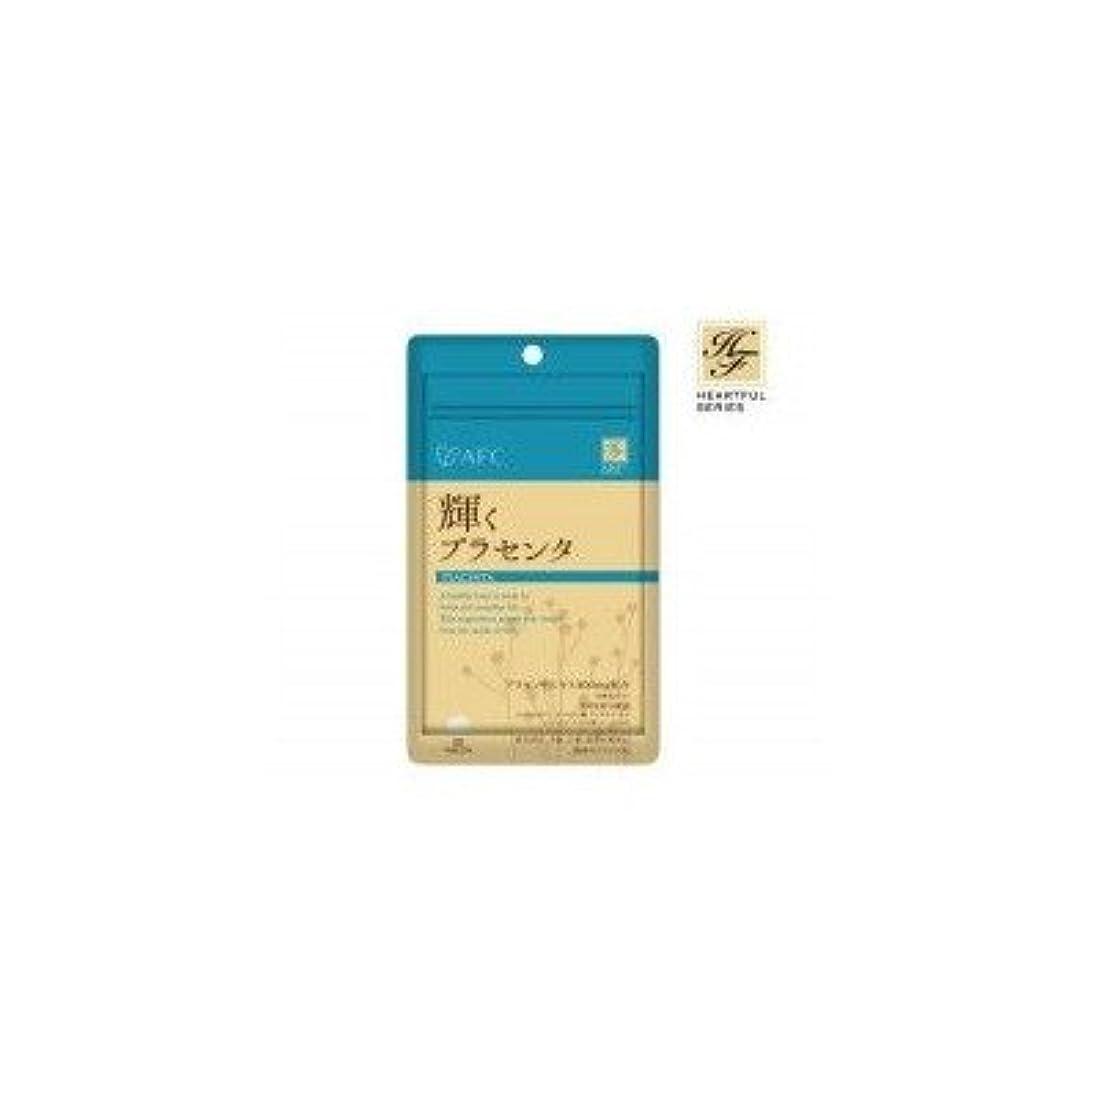 天文学呼吸カレッジAFC(エーエフシー) ハートフルシリーズサプリ 輝くプラセンタ HFS02×6袋